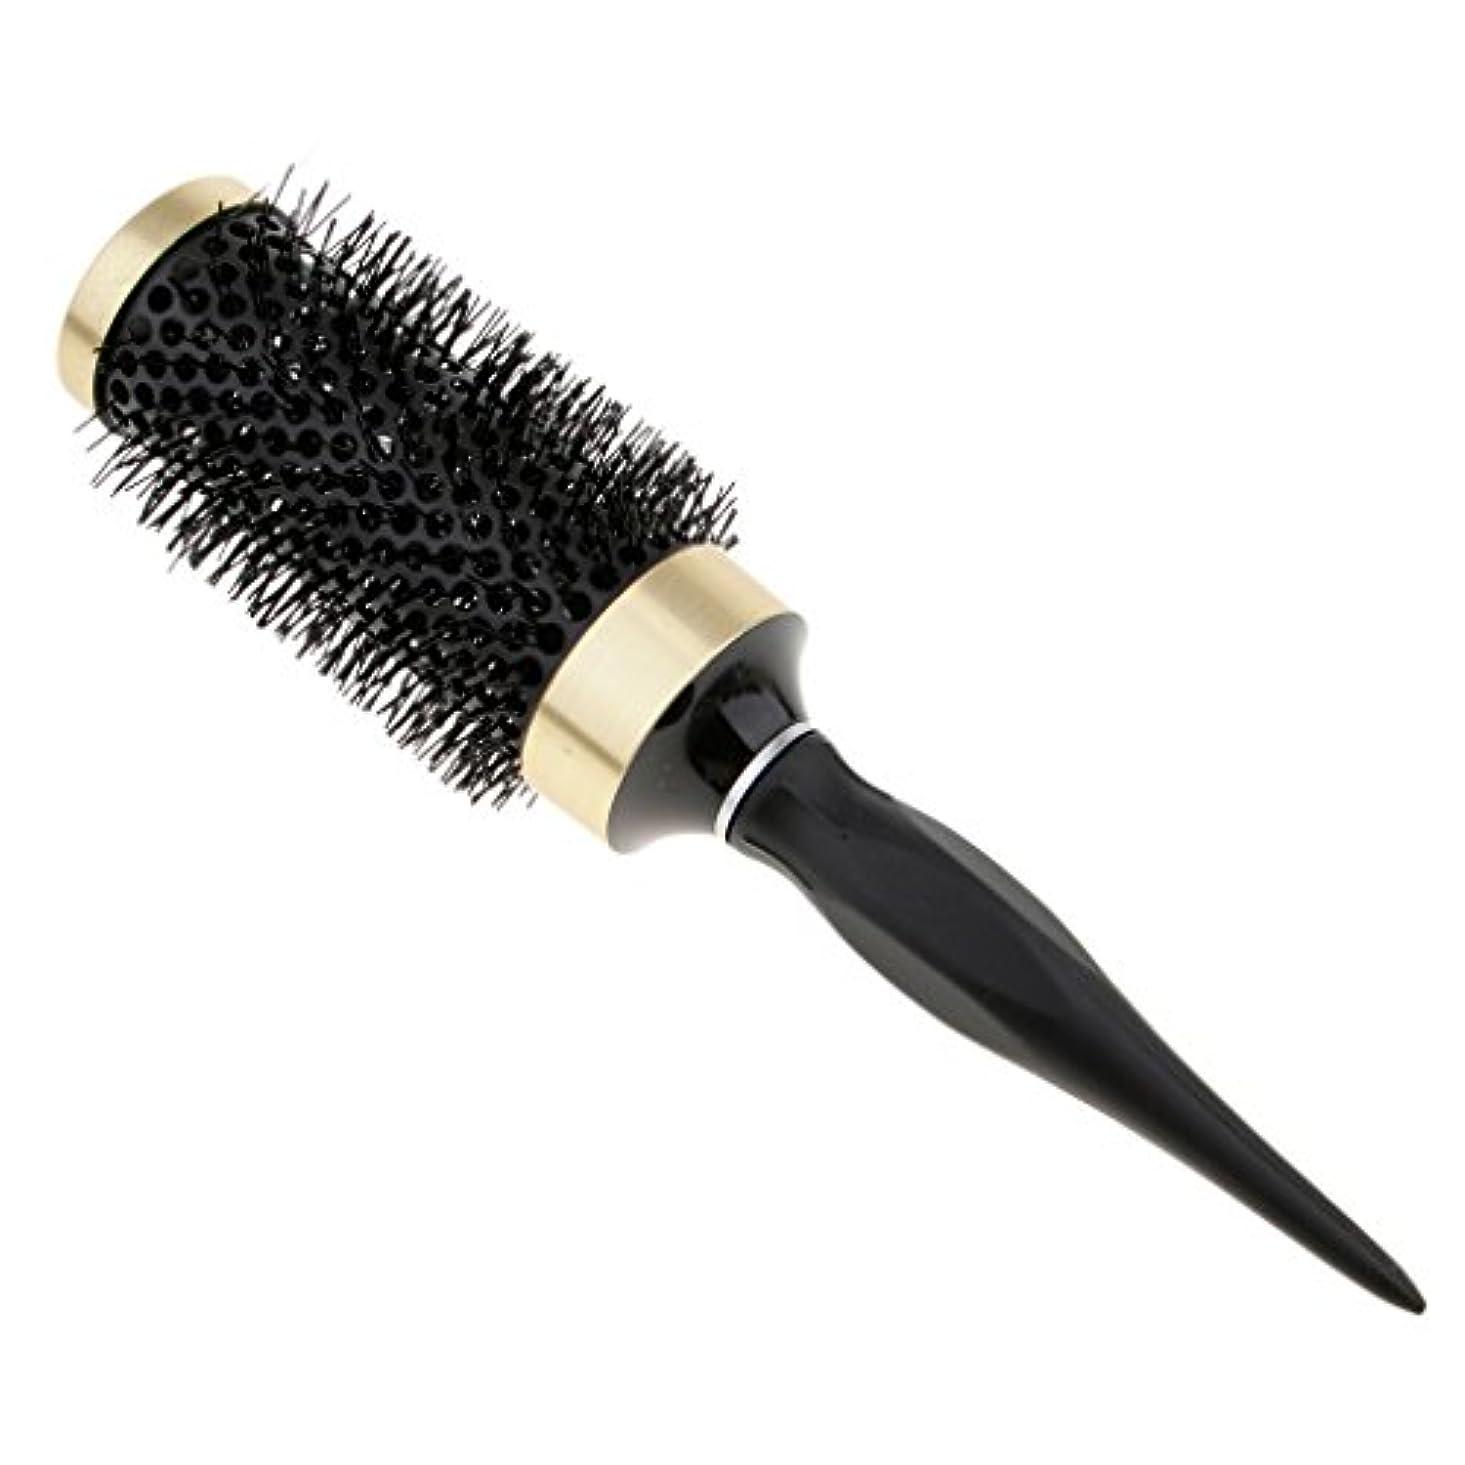 人柄パーチナシティ選ぶロールブラシ 耐熱仕様 ブロー カール 巻き髪 ヘアブラシ 櫛 全5サイズ - 45mm